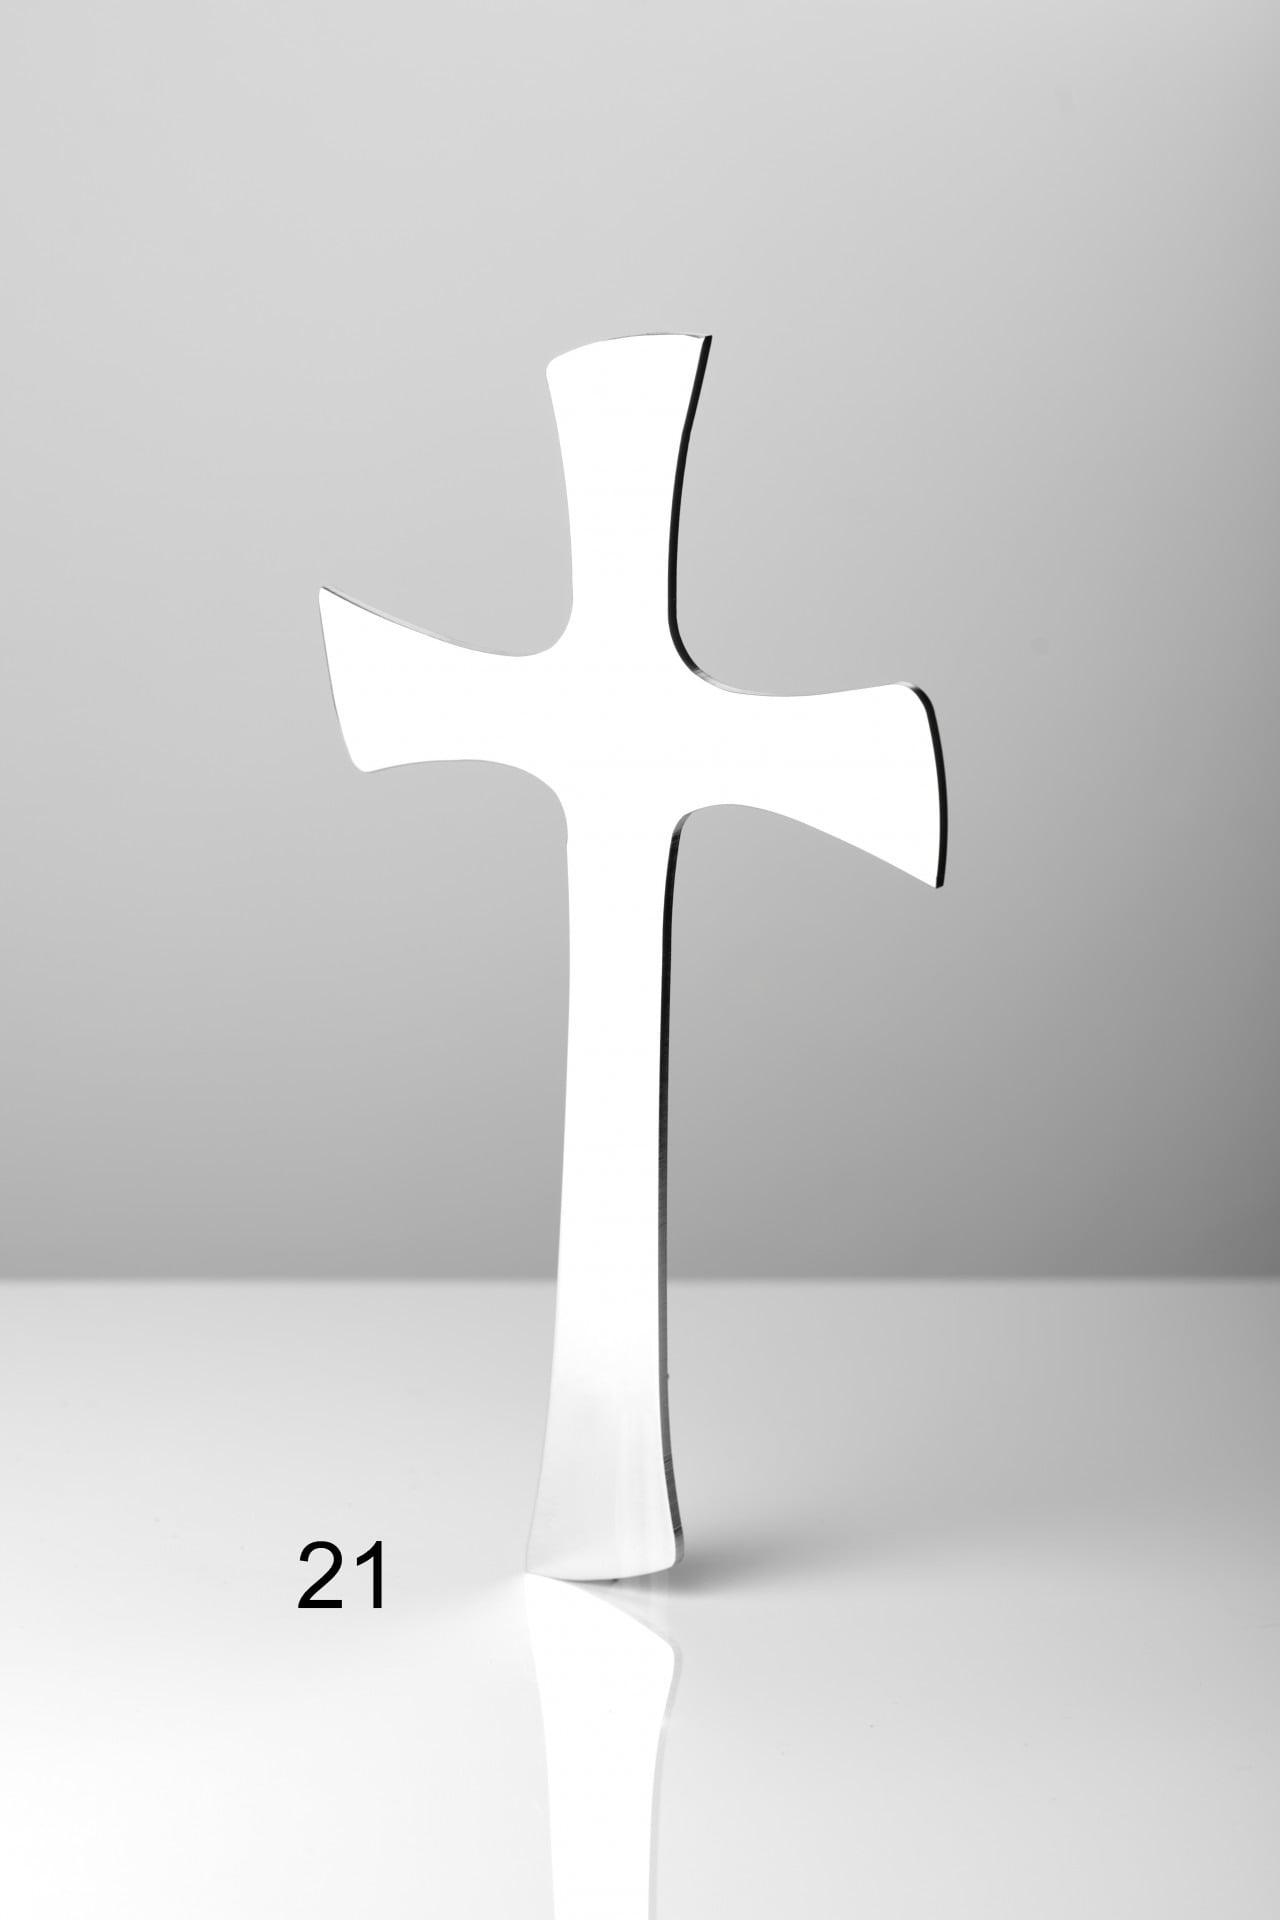 Srebrny pełny krzyż - Nagrobki Bielsko-Biała